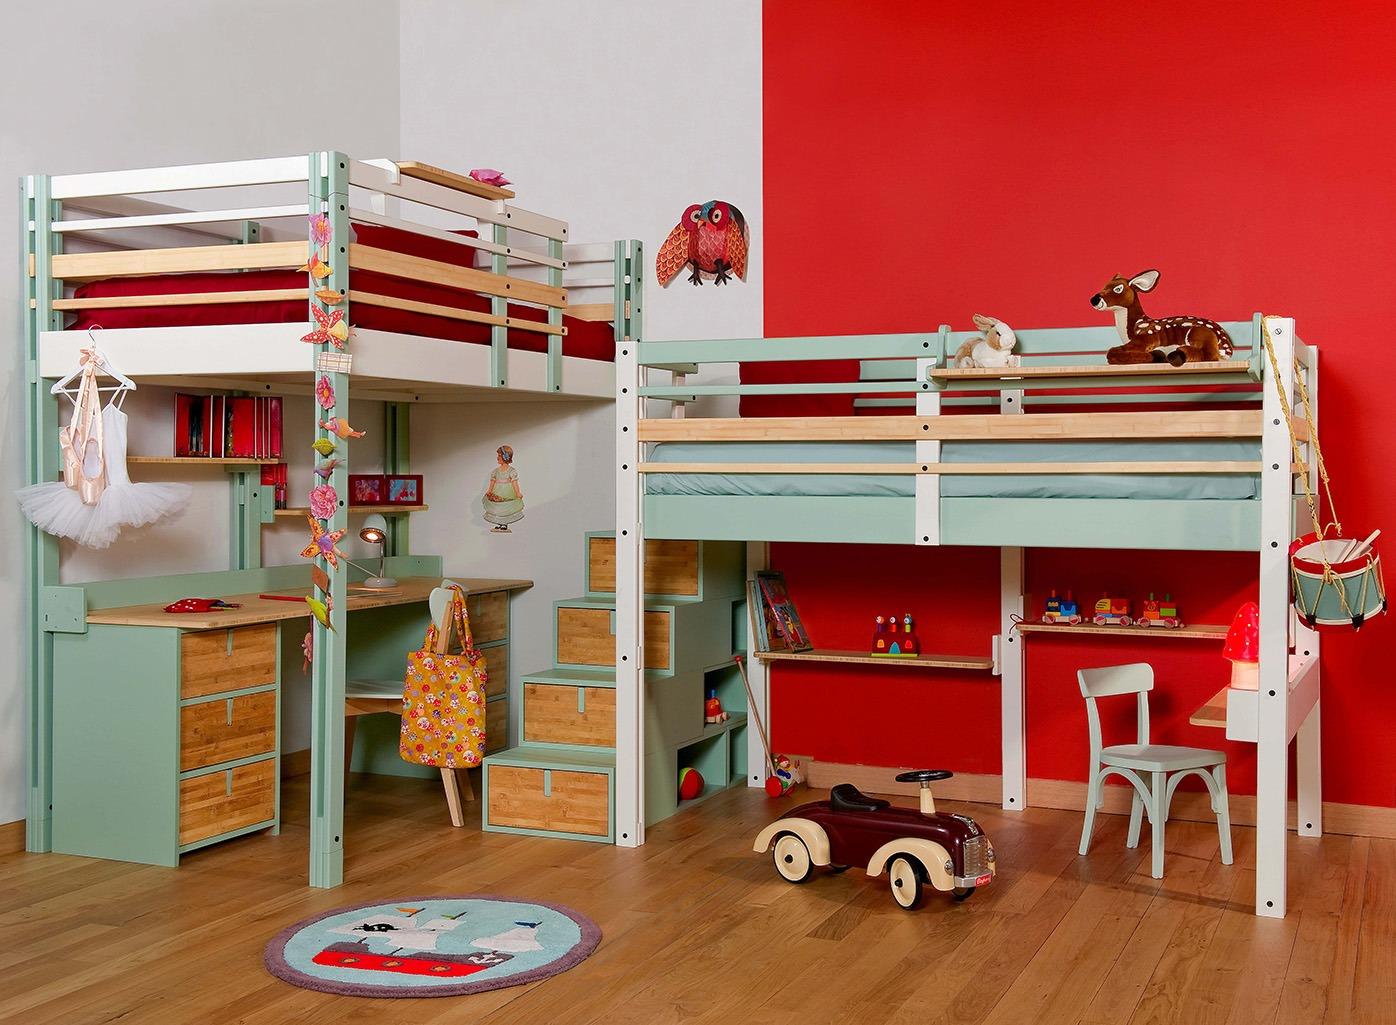 Детская комната для двух мальчиков с деревянной мебелью